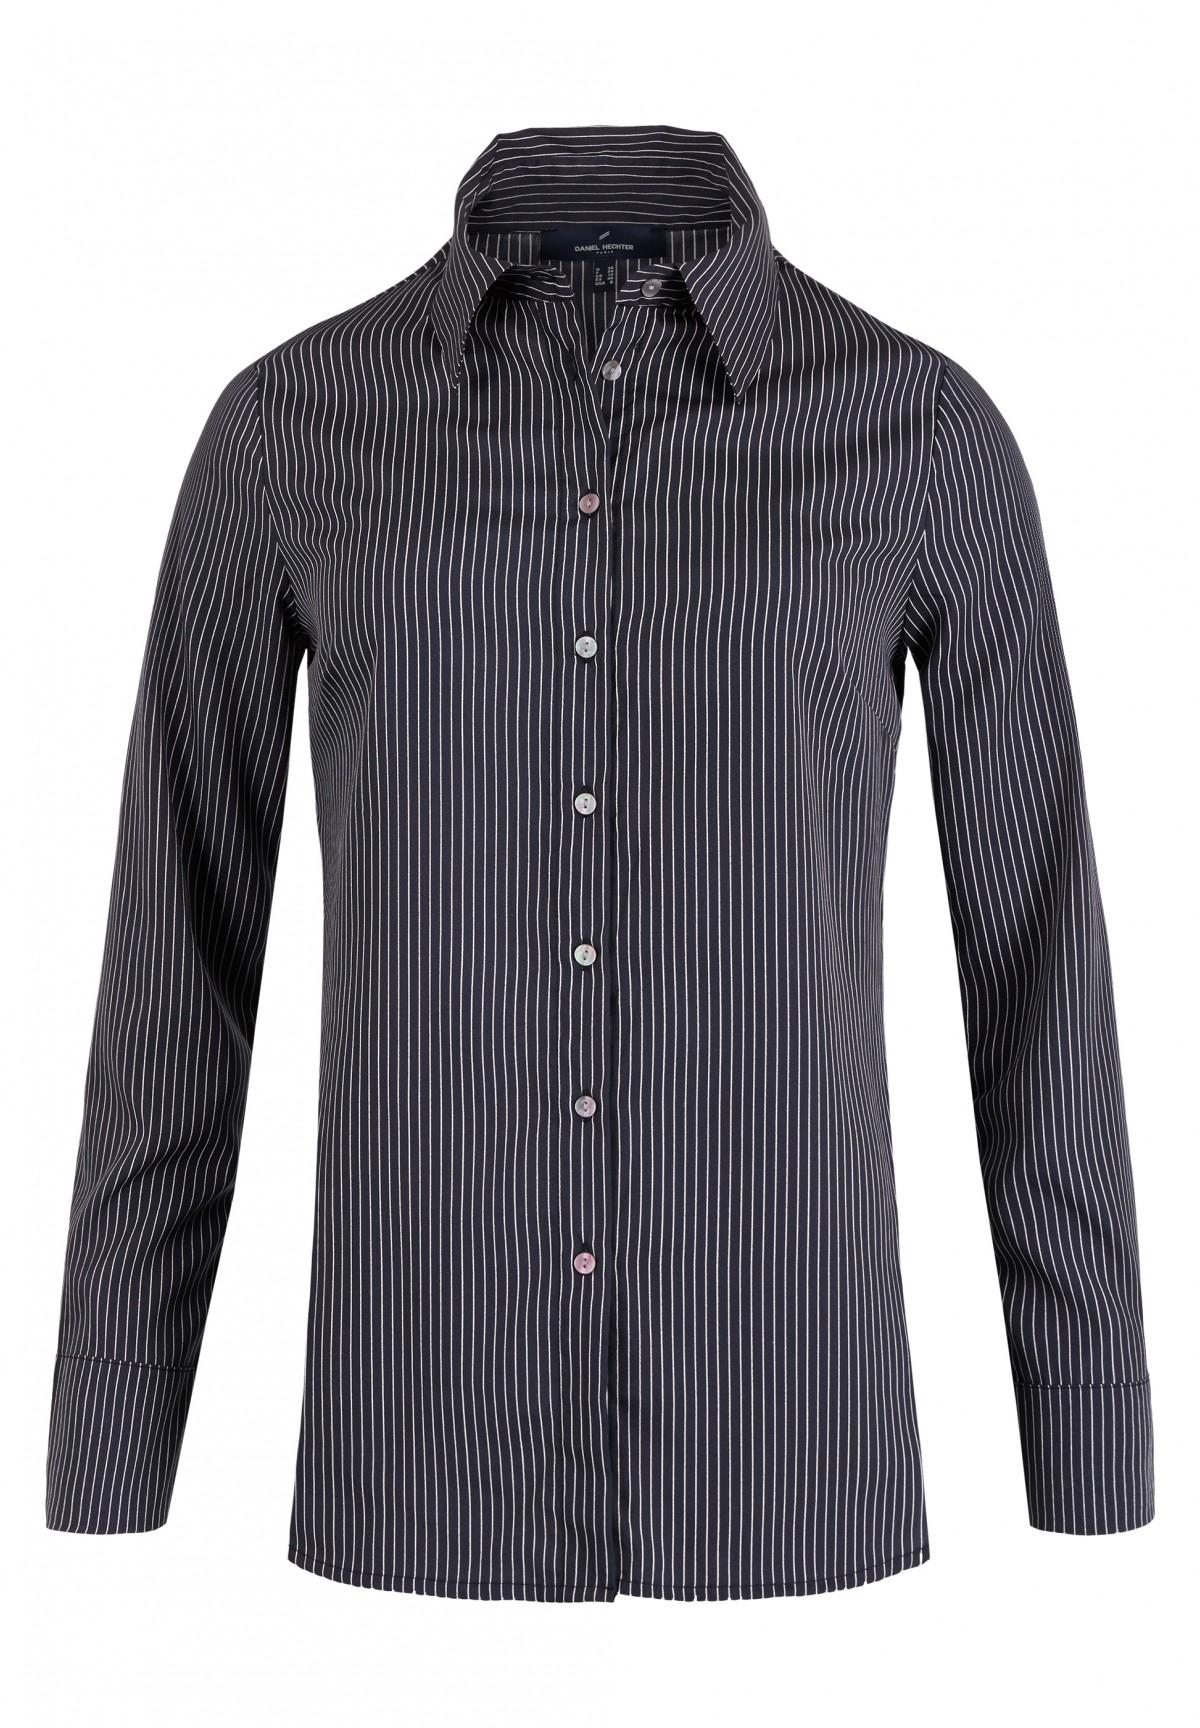 Bluse mit Streifen-Muster / Bluse